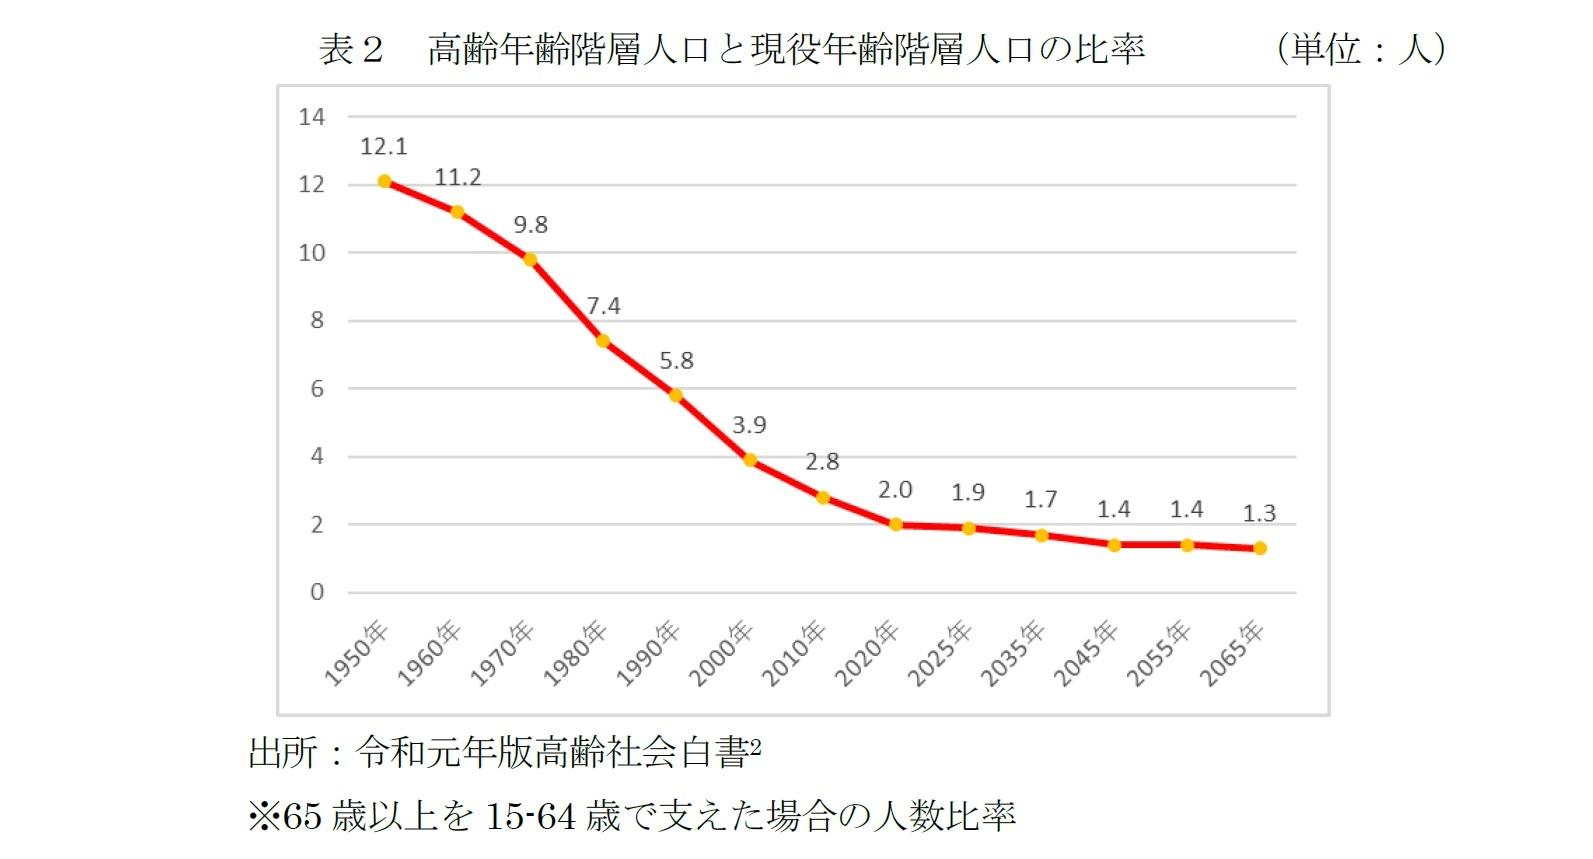 高齢年齢階層人口と現役年齢階層人口の比率